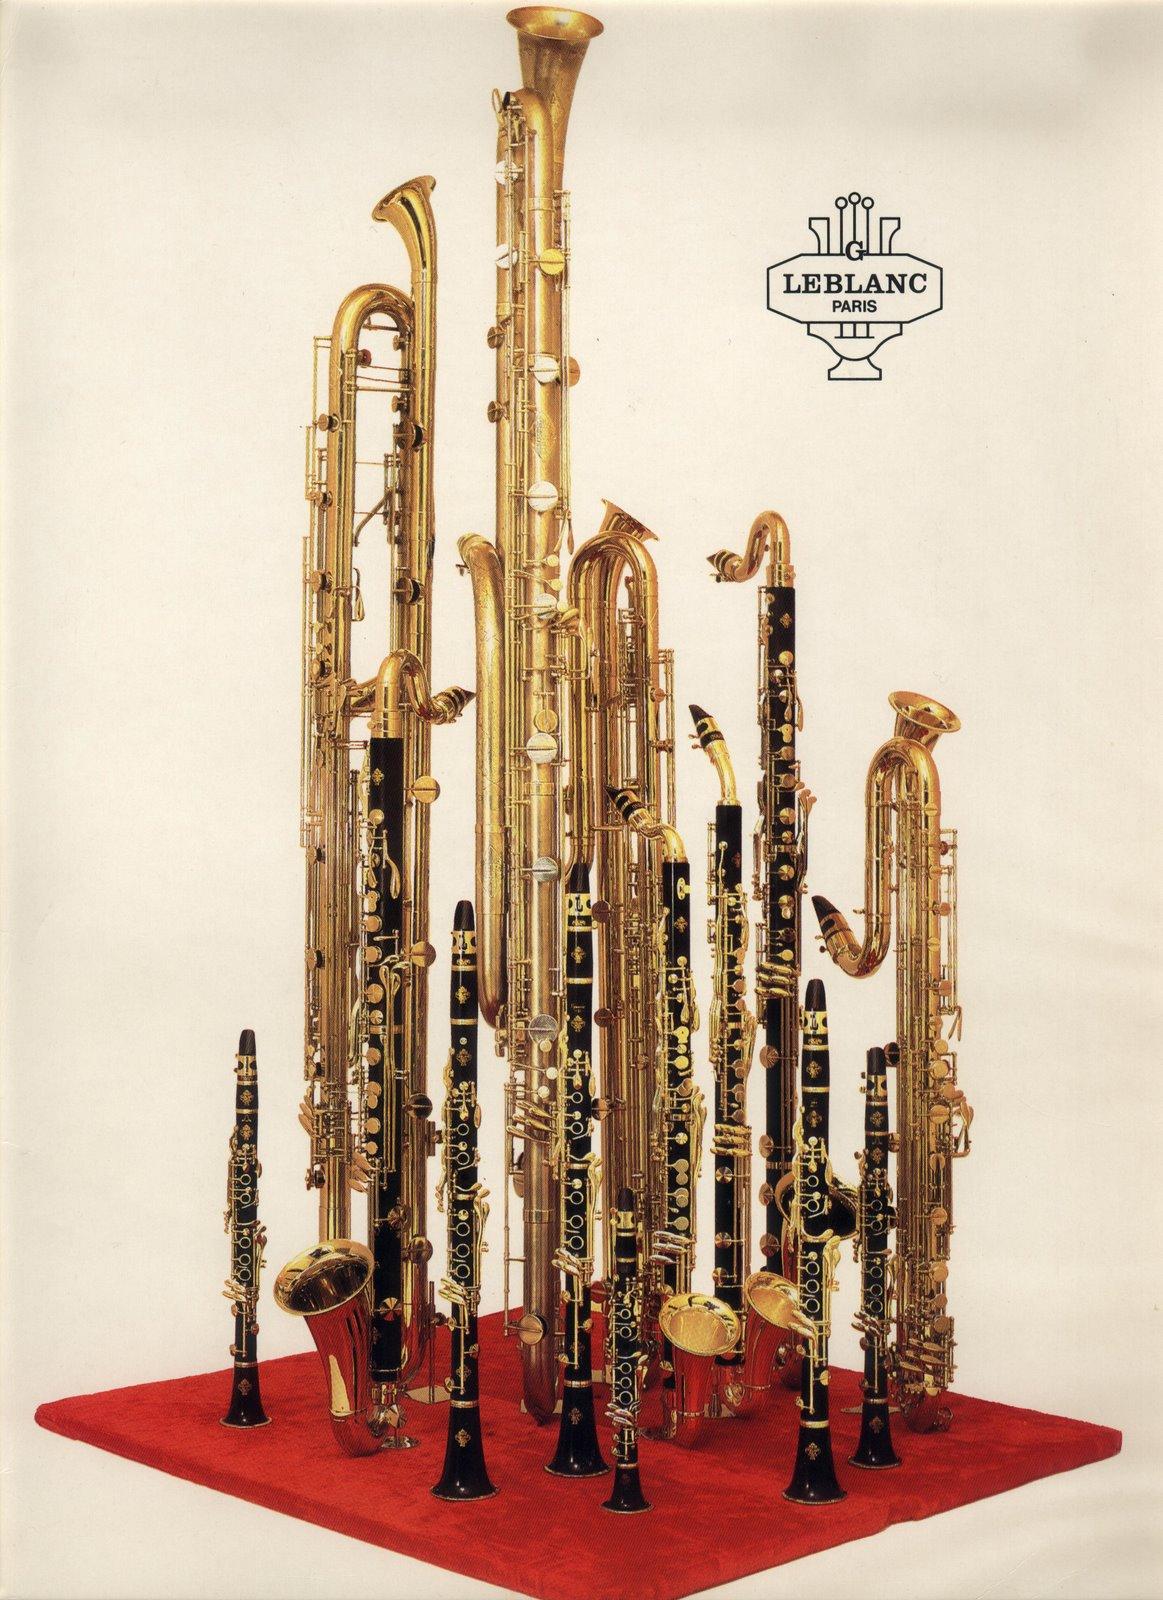 La famille des clarinettes (Marque Leblanc), publicité de 1983